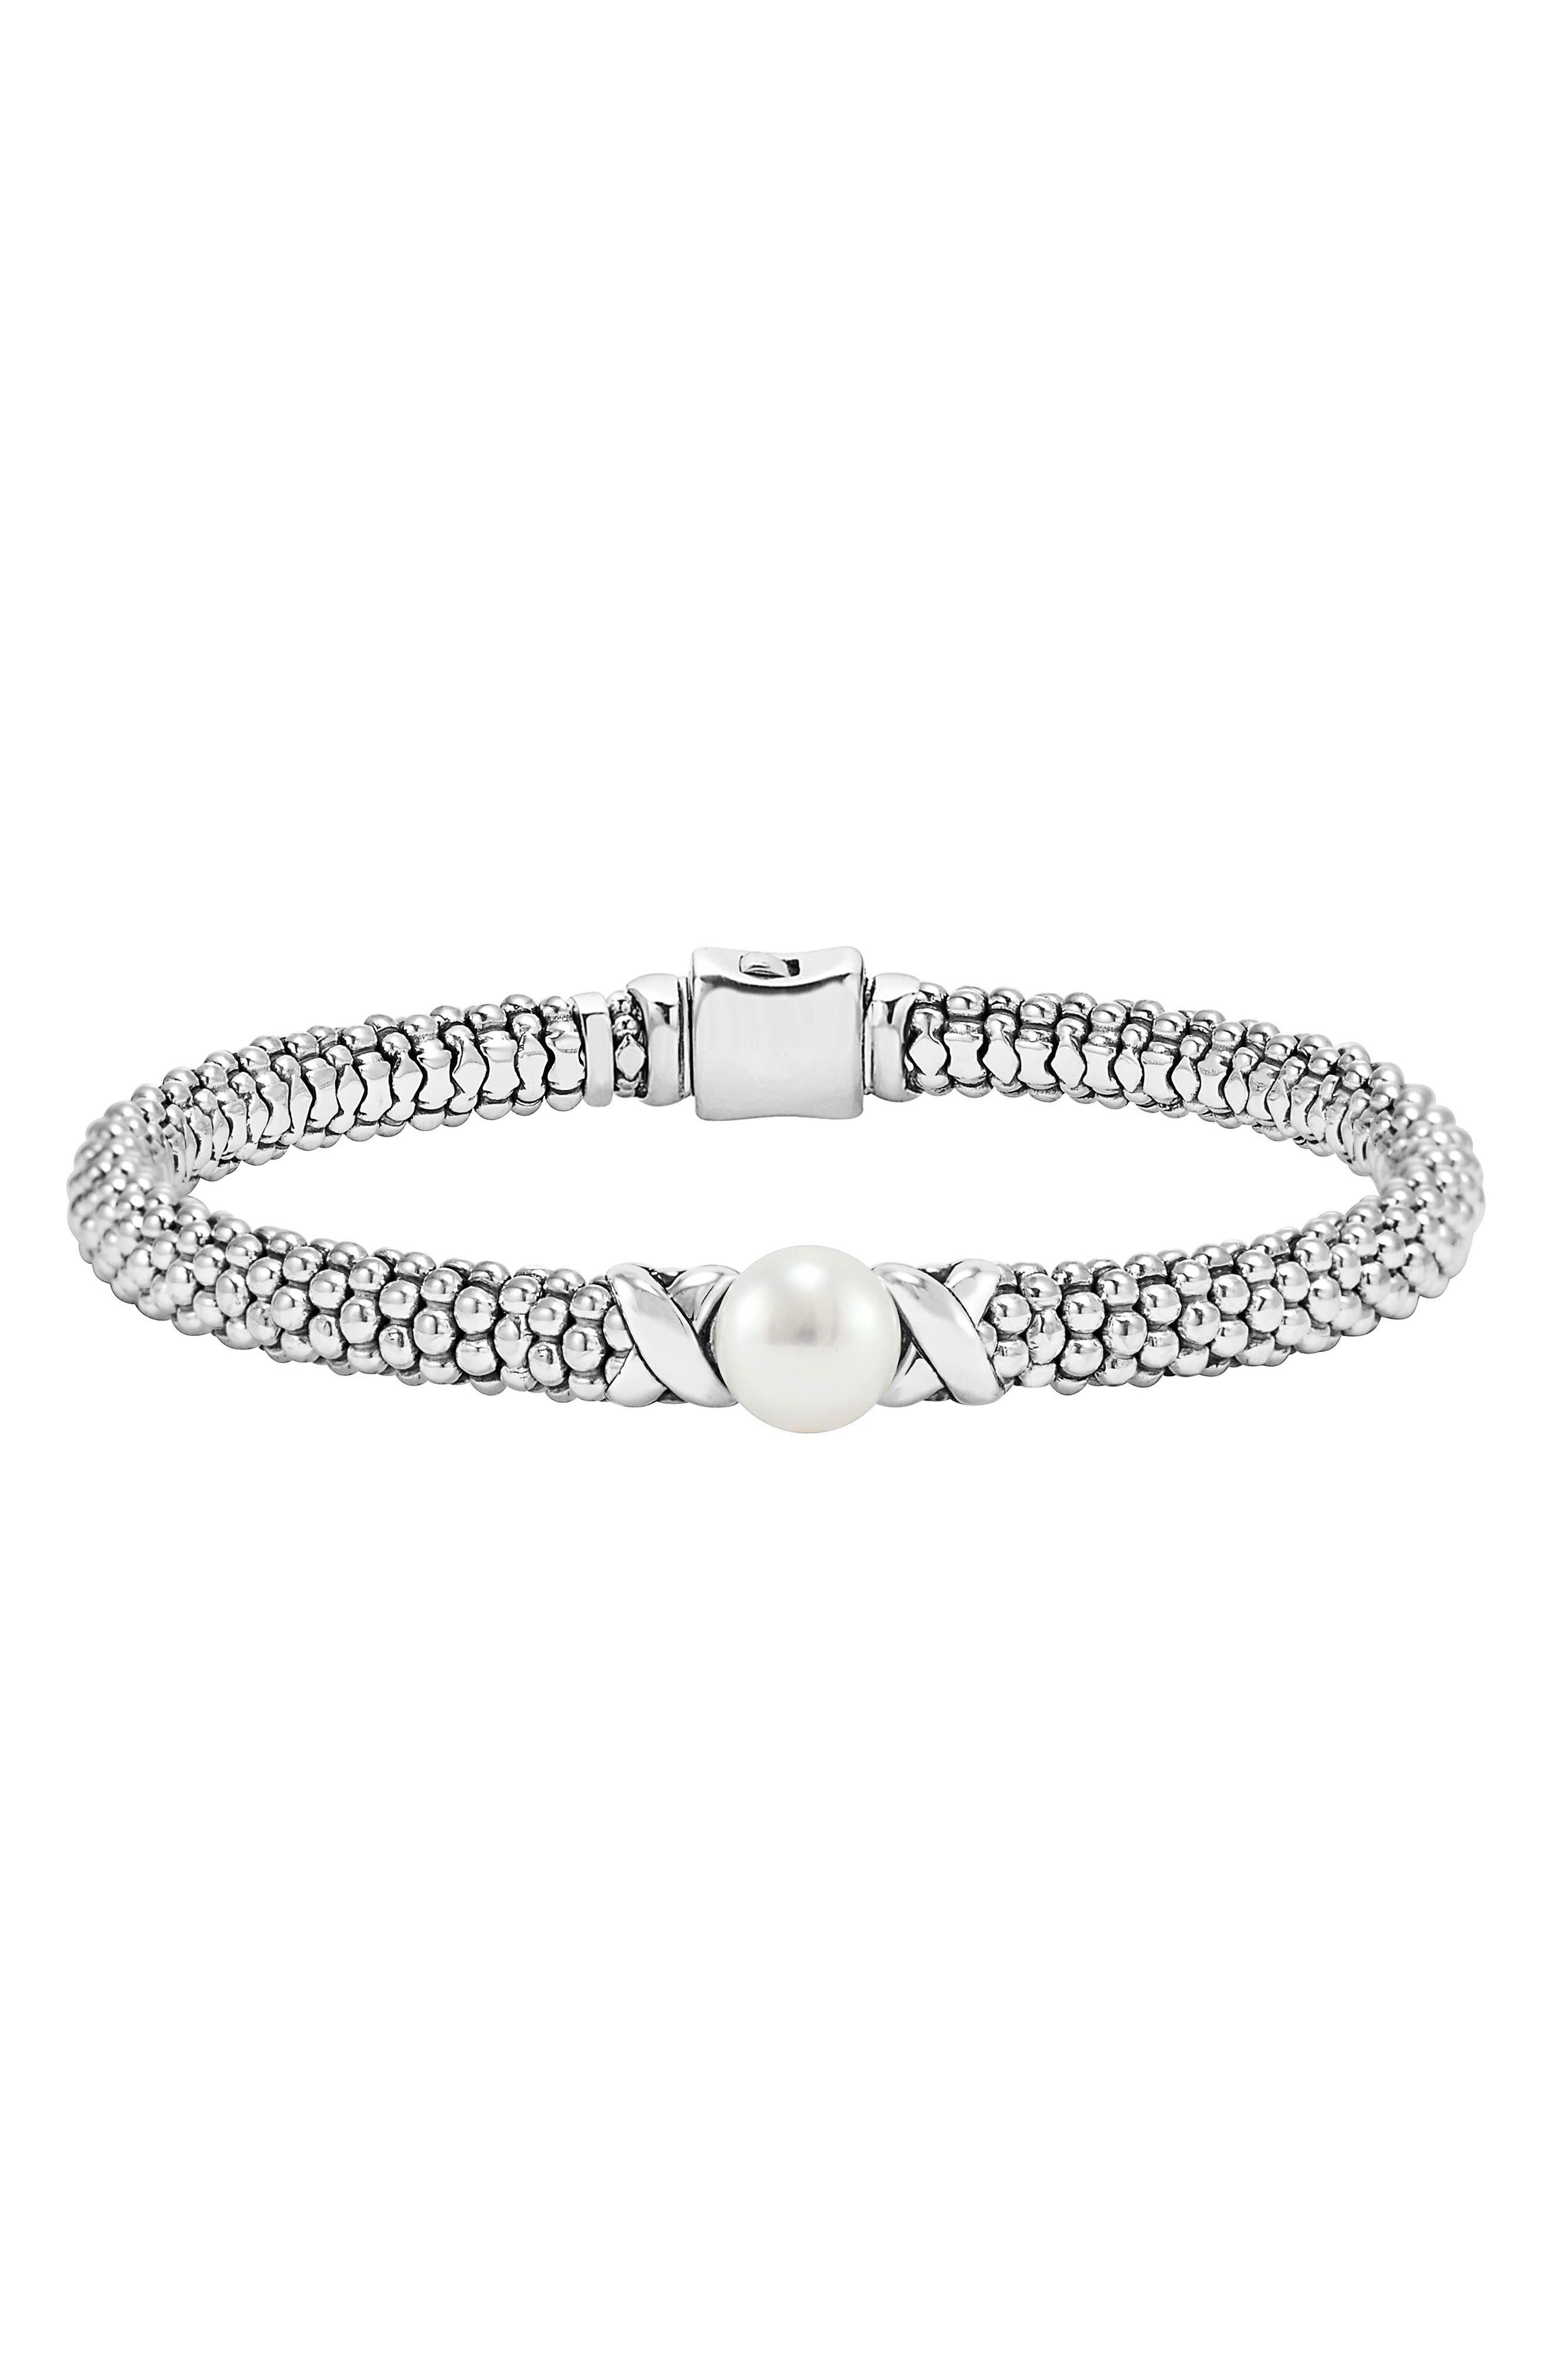 Main Image - Lagos 'Luna' Pearl Rope Bracelet